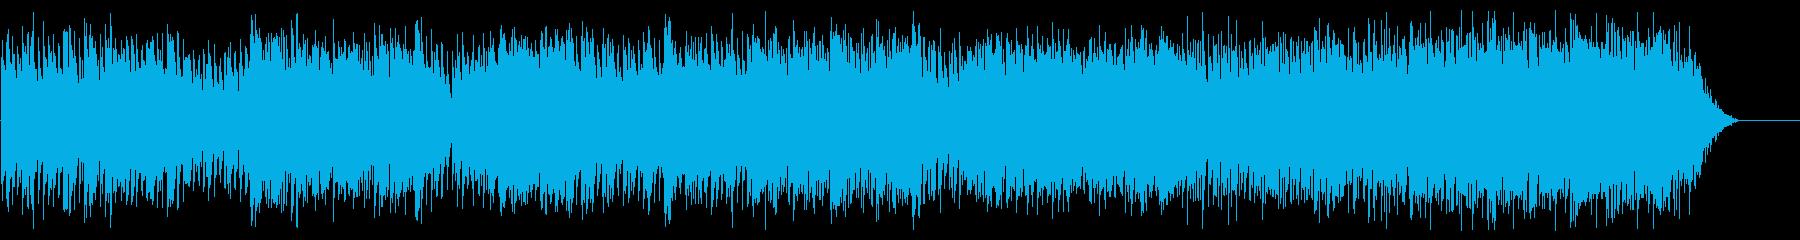 フォークポップ。ベンディッティ。の再生済みの波形